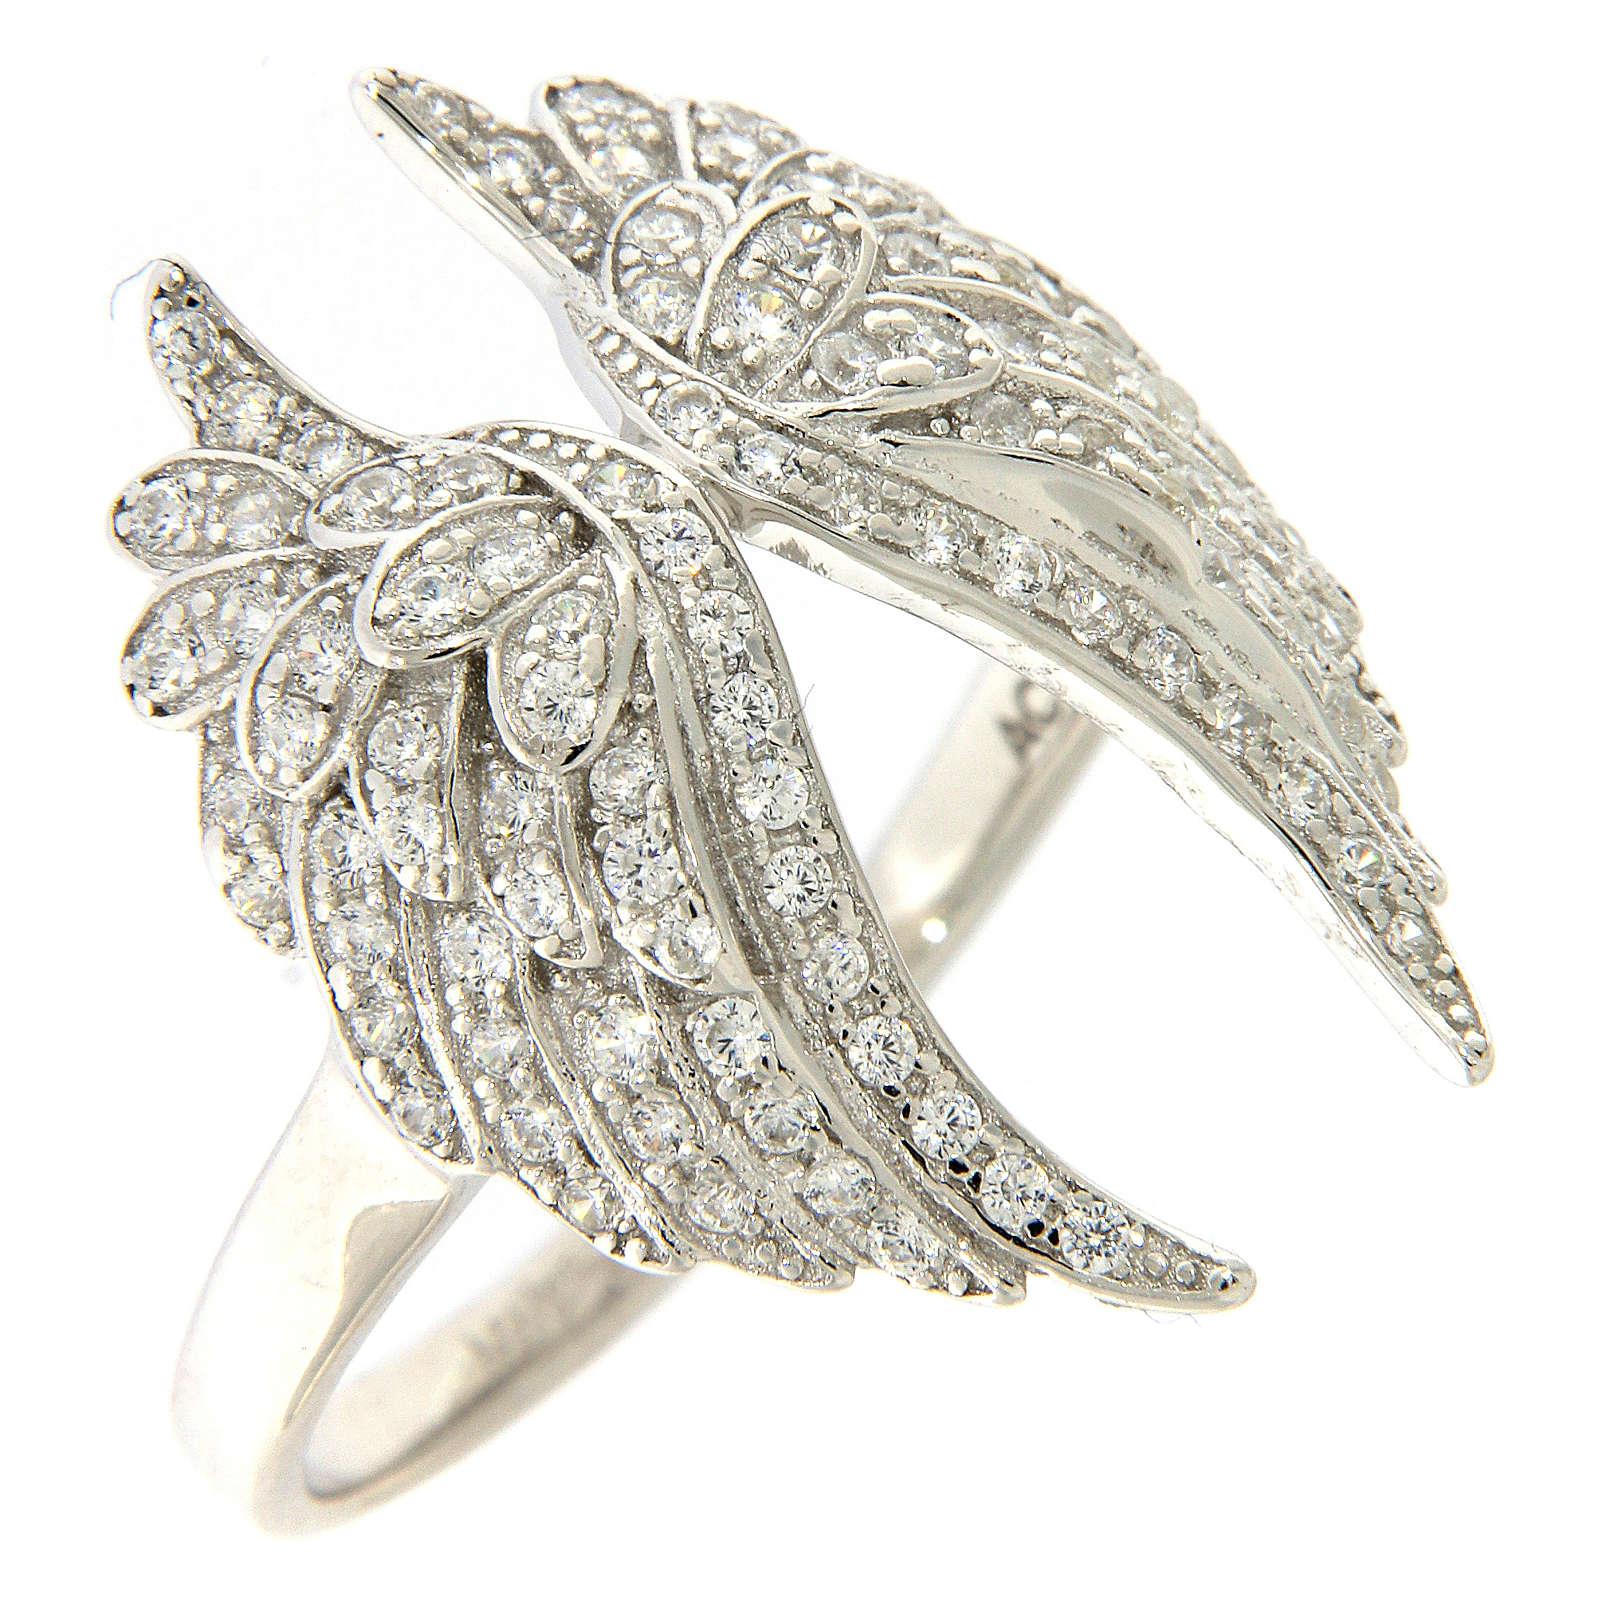 Anello ali AMEN argento 925 con zirconi 3